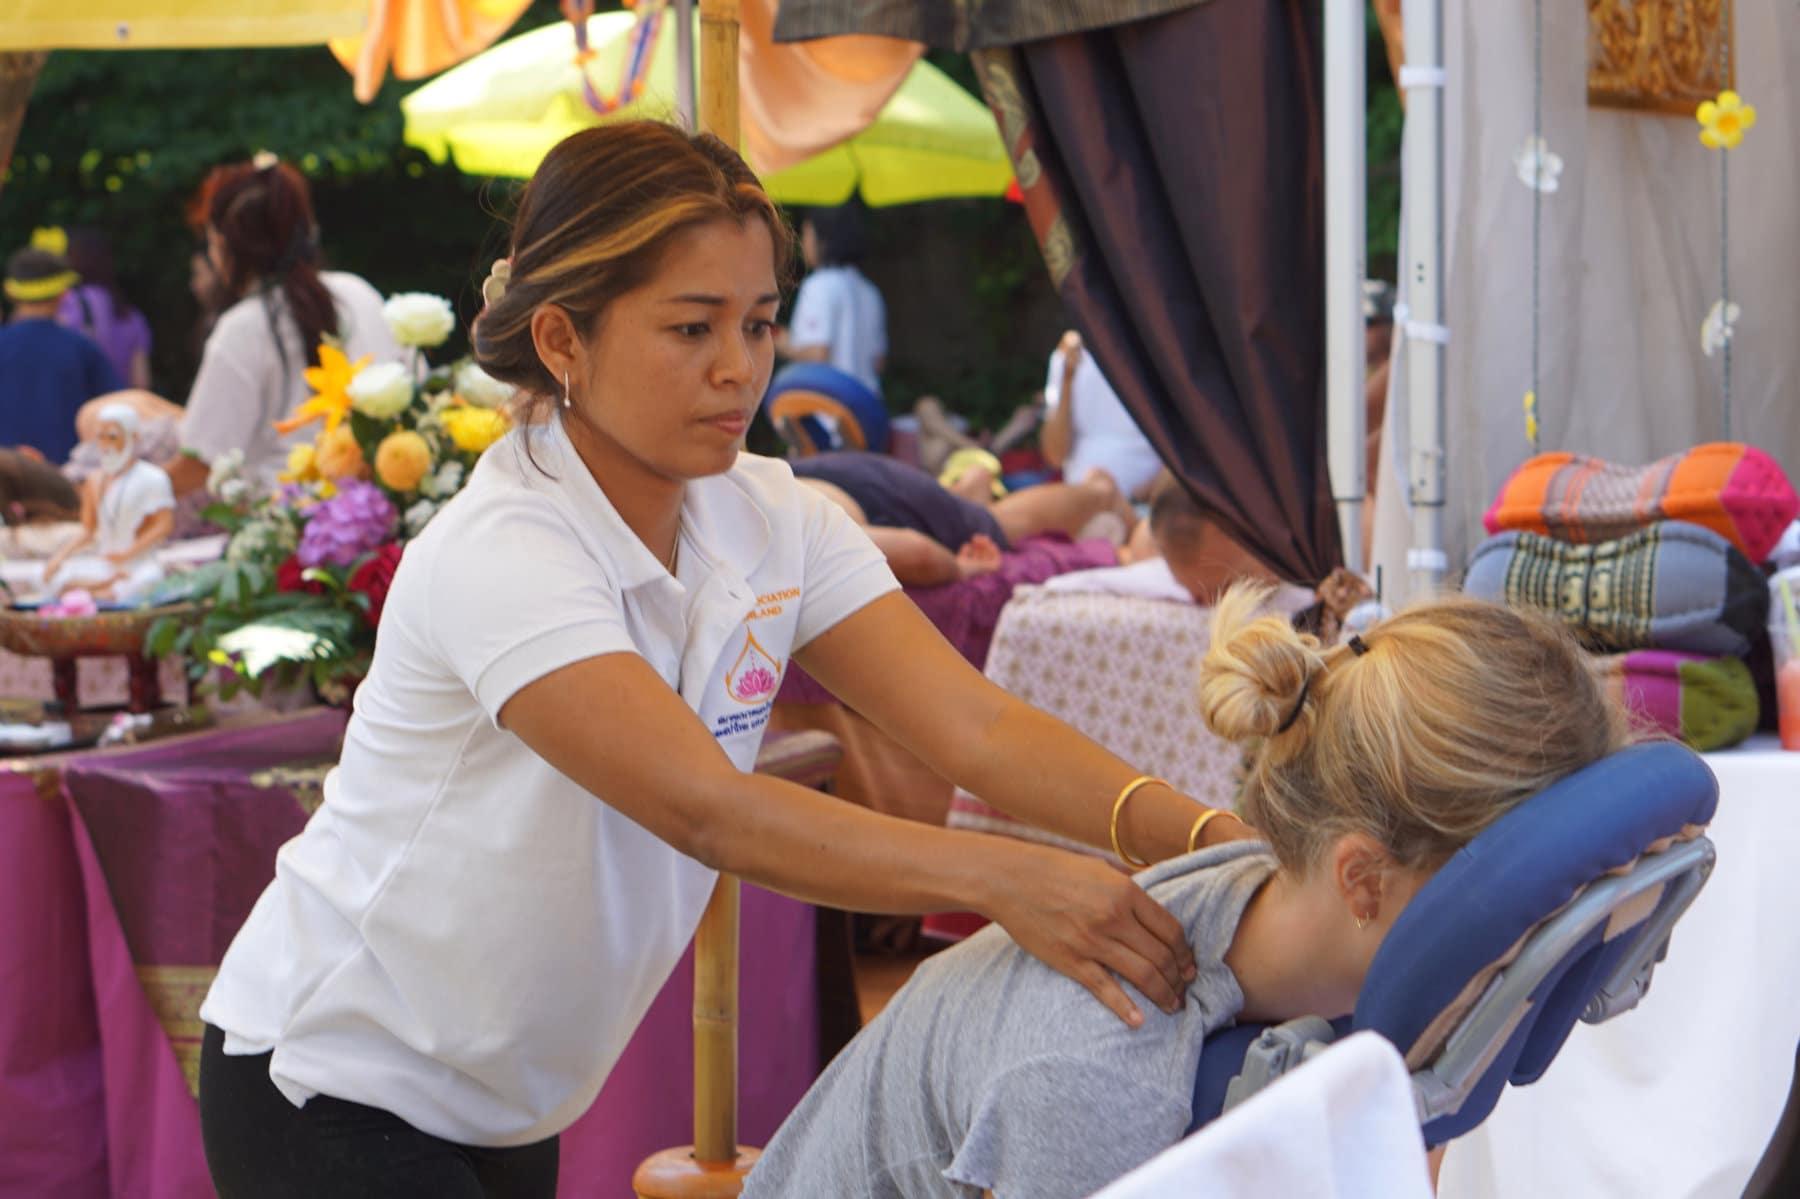 Thai-Festival in Bern: Thaimassage zum Kennenlernen bei Freunden 4